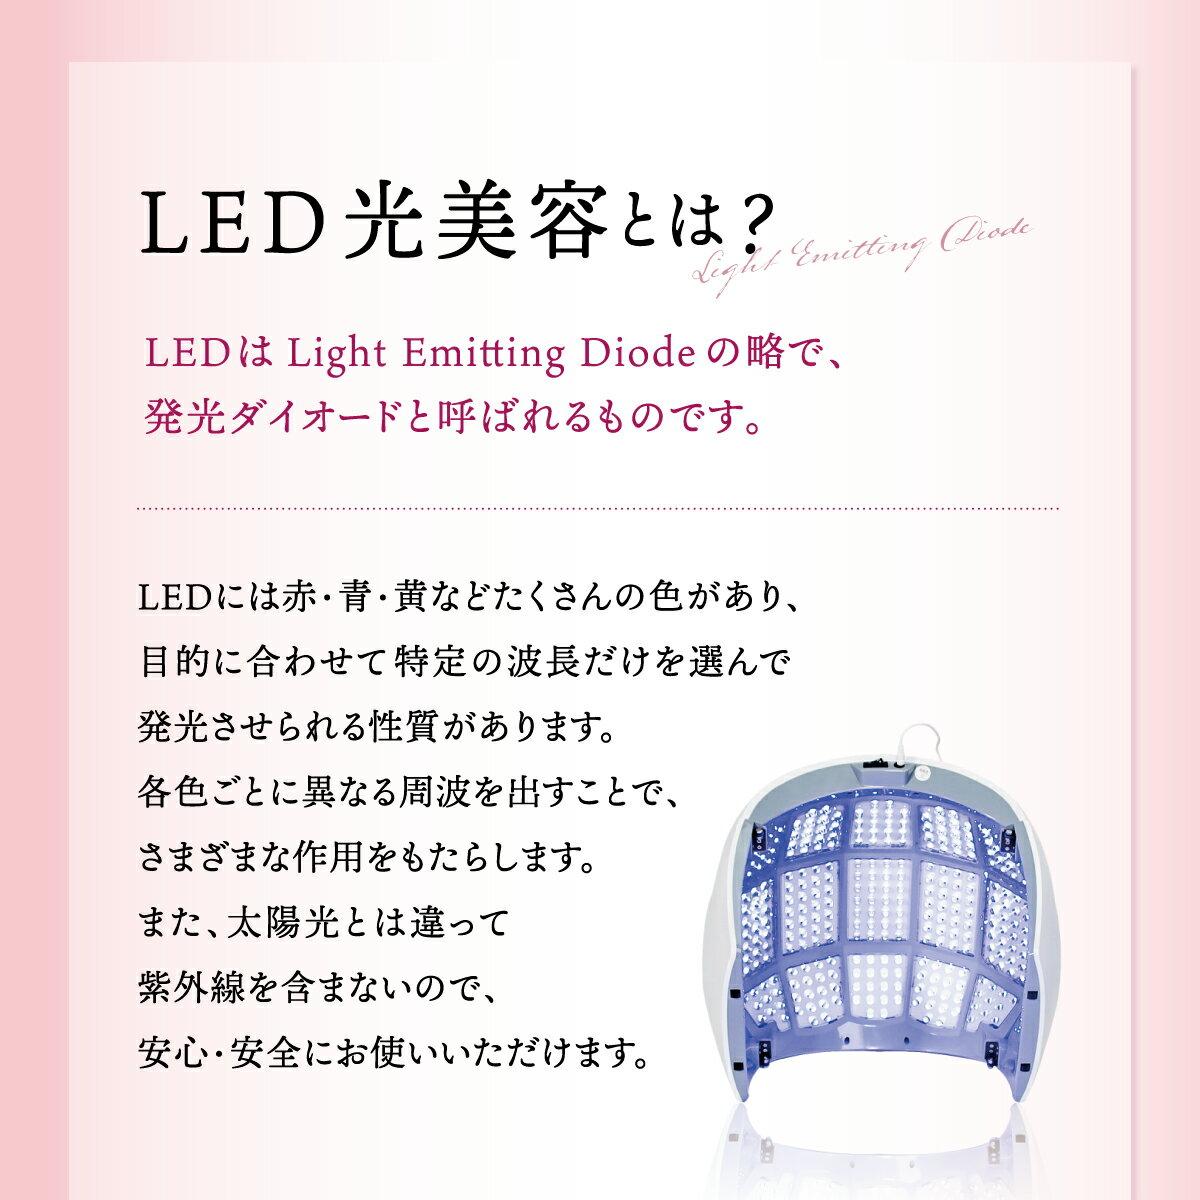 【プレミア】LED美容ライト